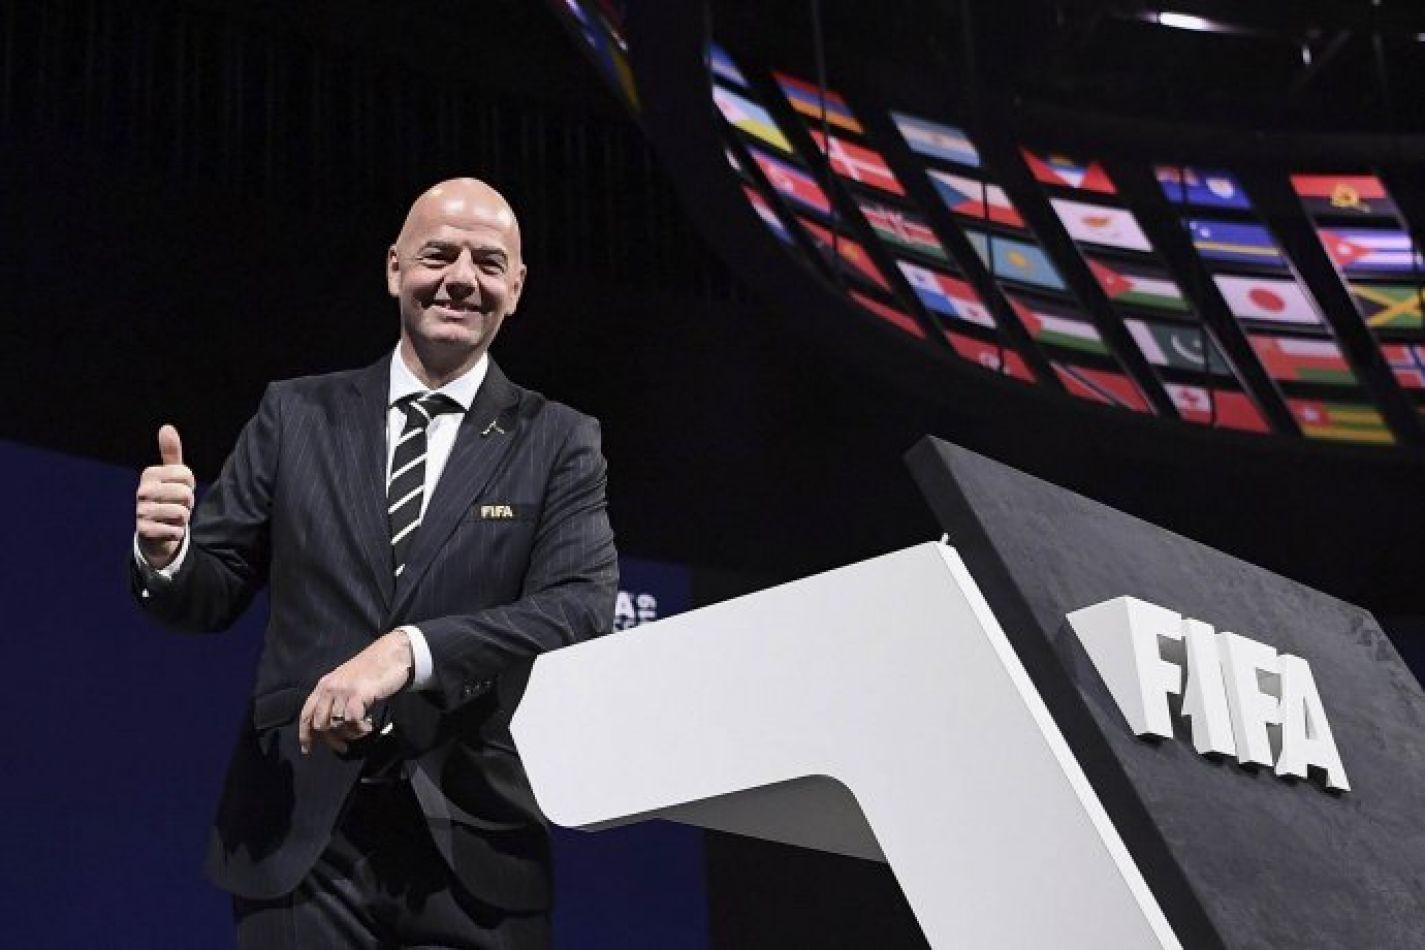 Cambio en el código disciplinaro de la FIFA: No podrán incorporar los clubes deudores